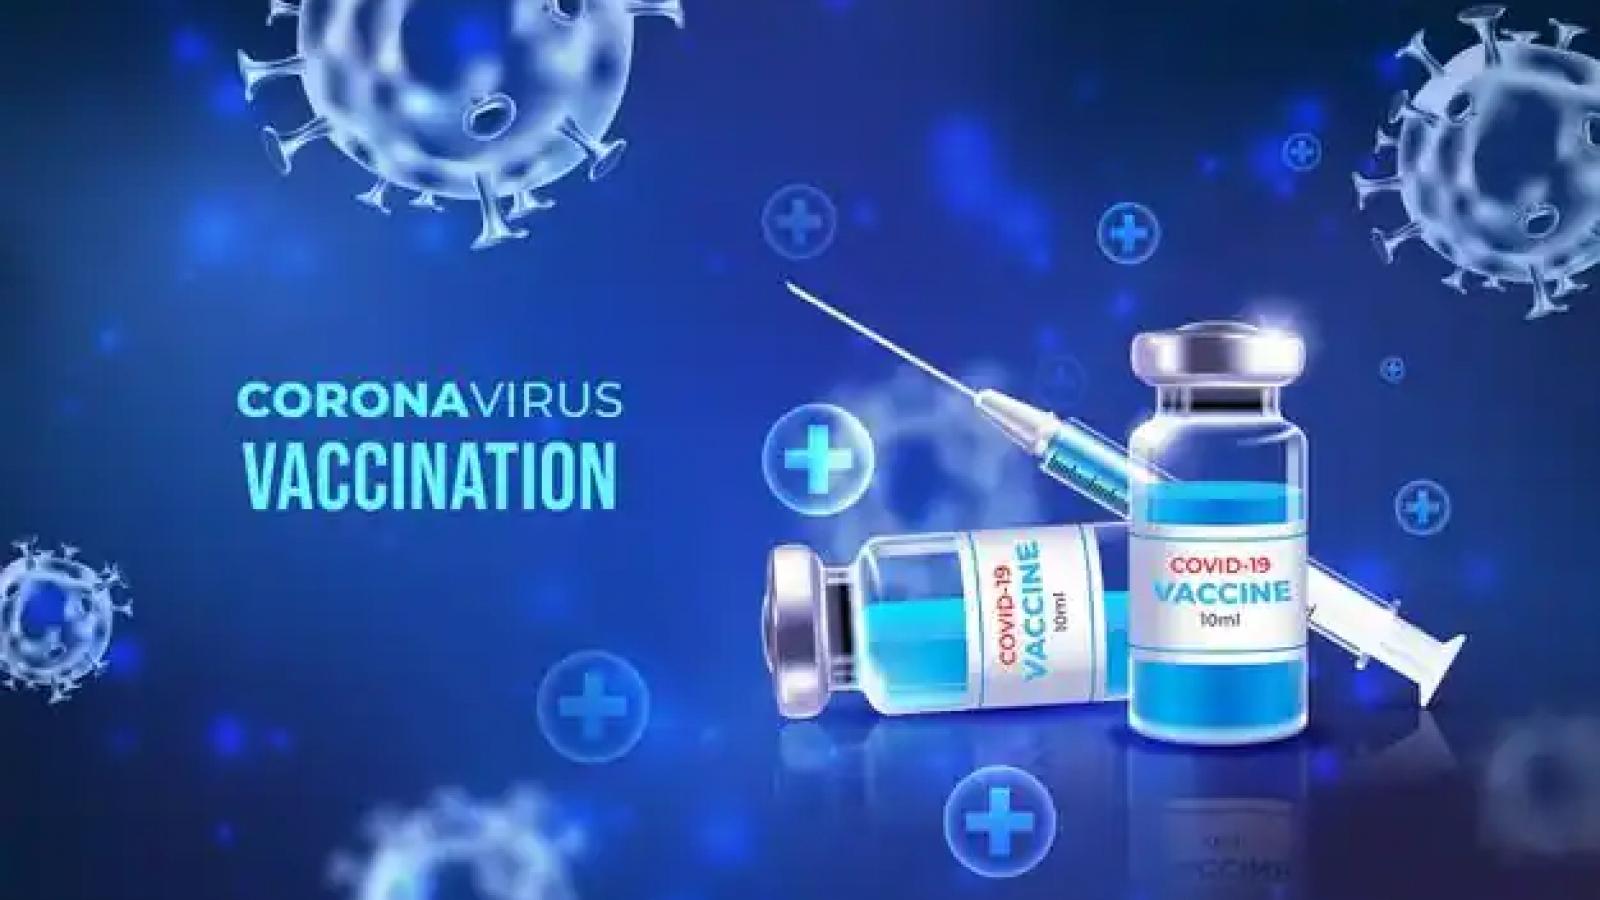 Nguy cơ lây nhiễm COVID-19 giảm một nửa sau liều vaccine đầu tiên